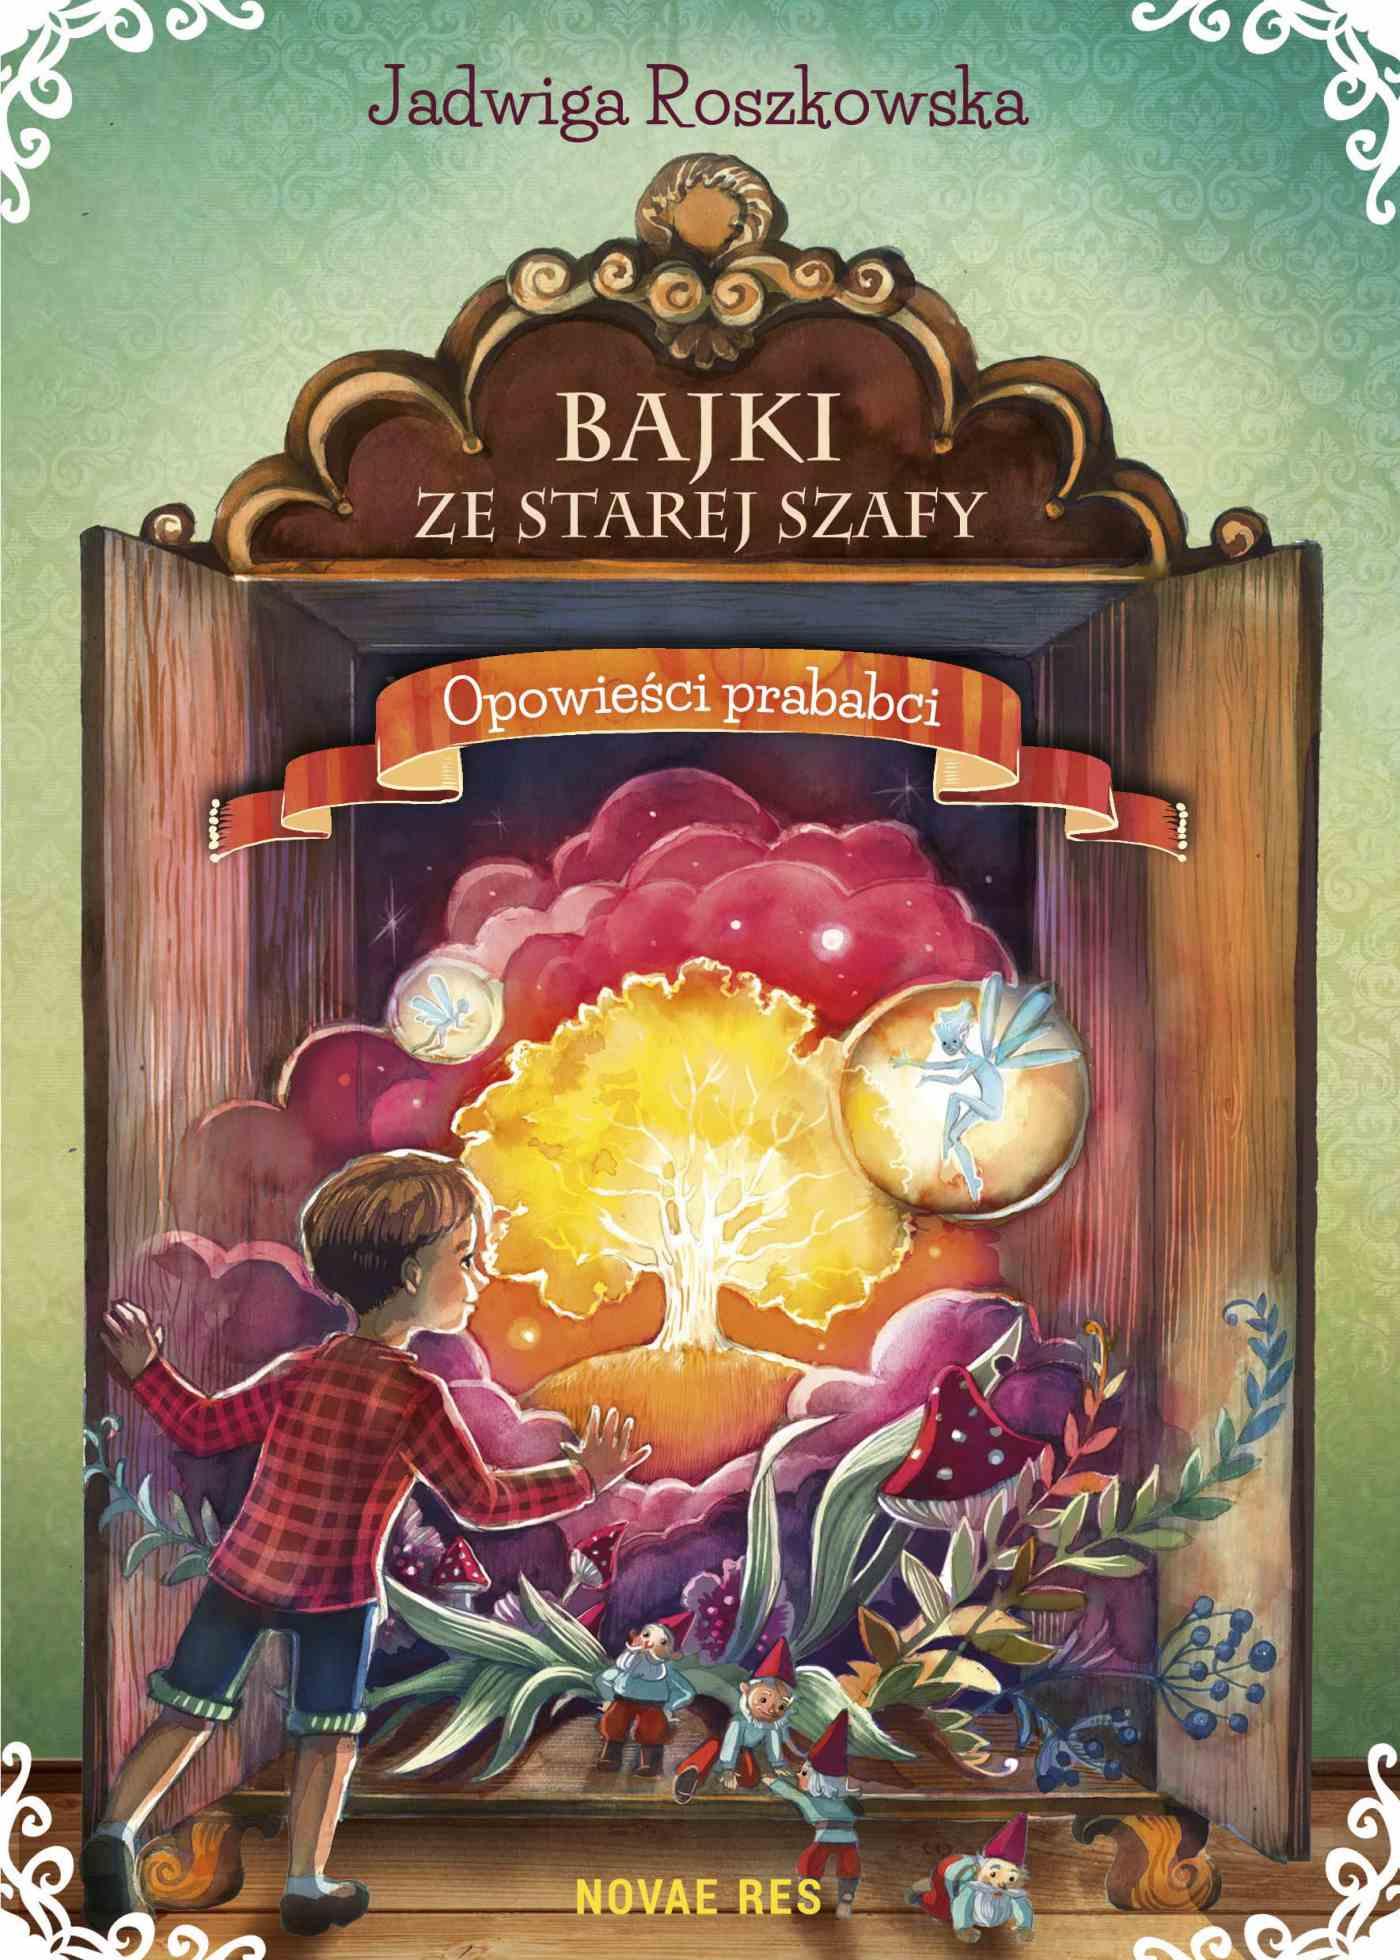 Bajki ze starej szafy. Opowieści prababci - Ebook (Książka na Kindle) do pobrania w formacie MOBI